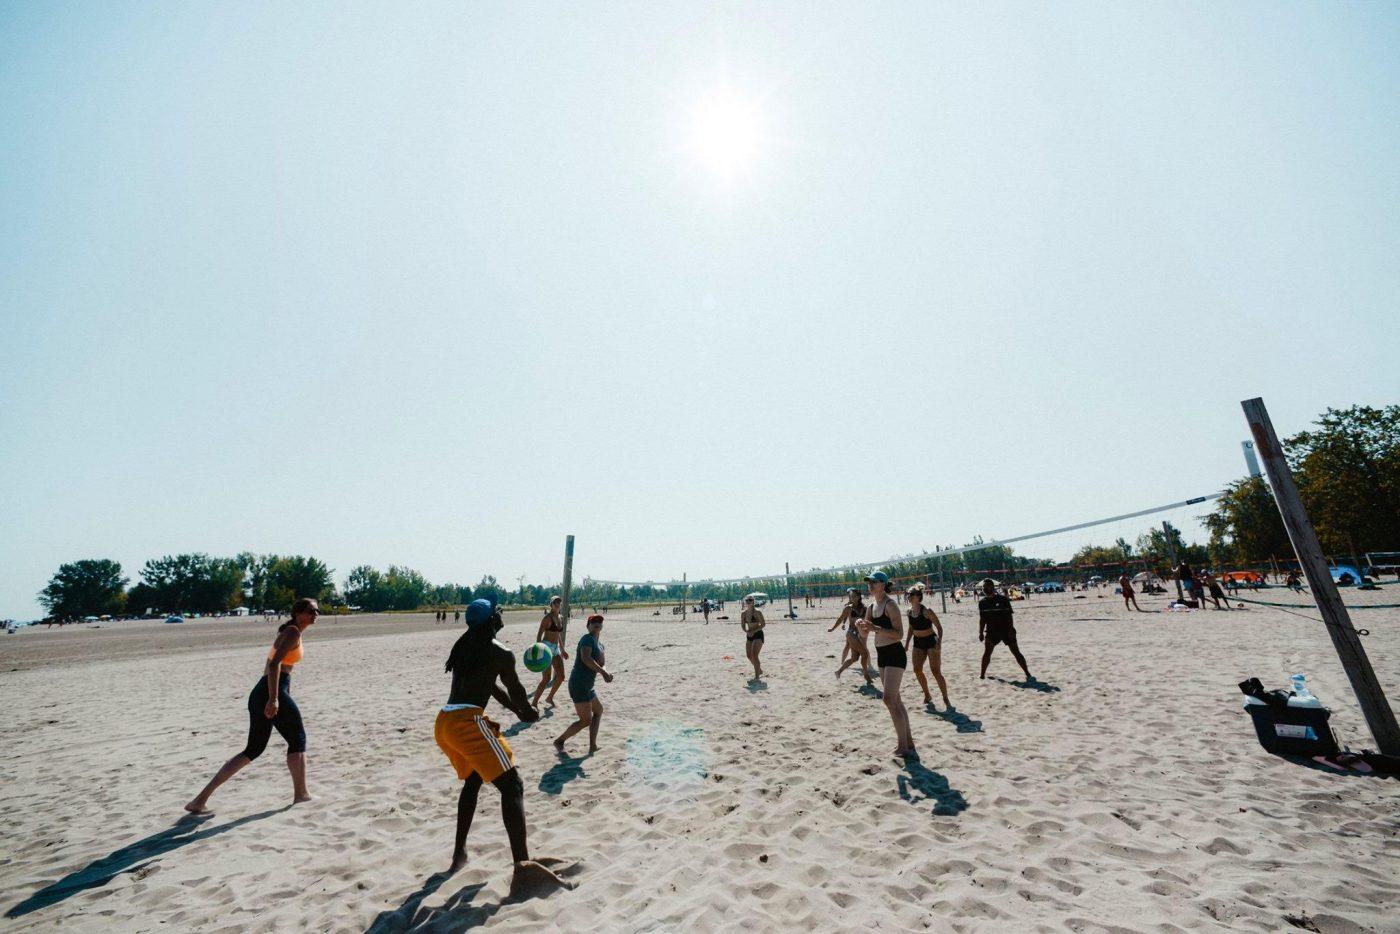 alldayfit toronto beaches